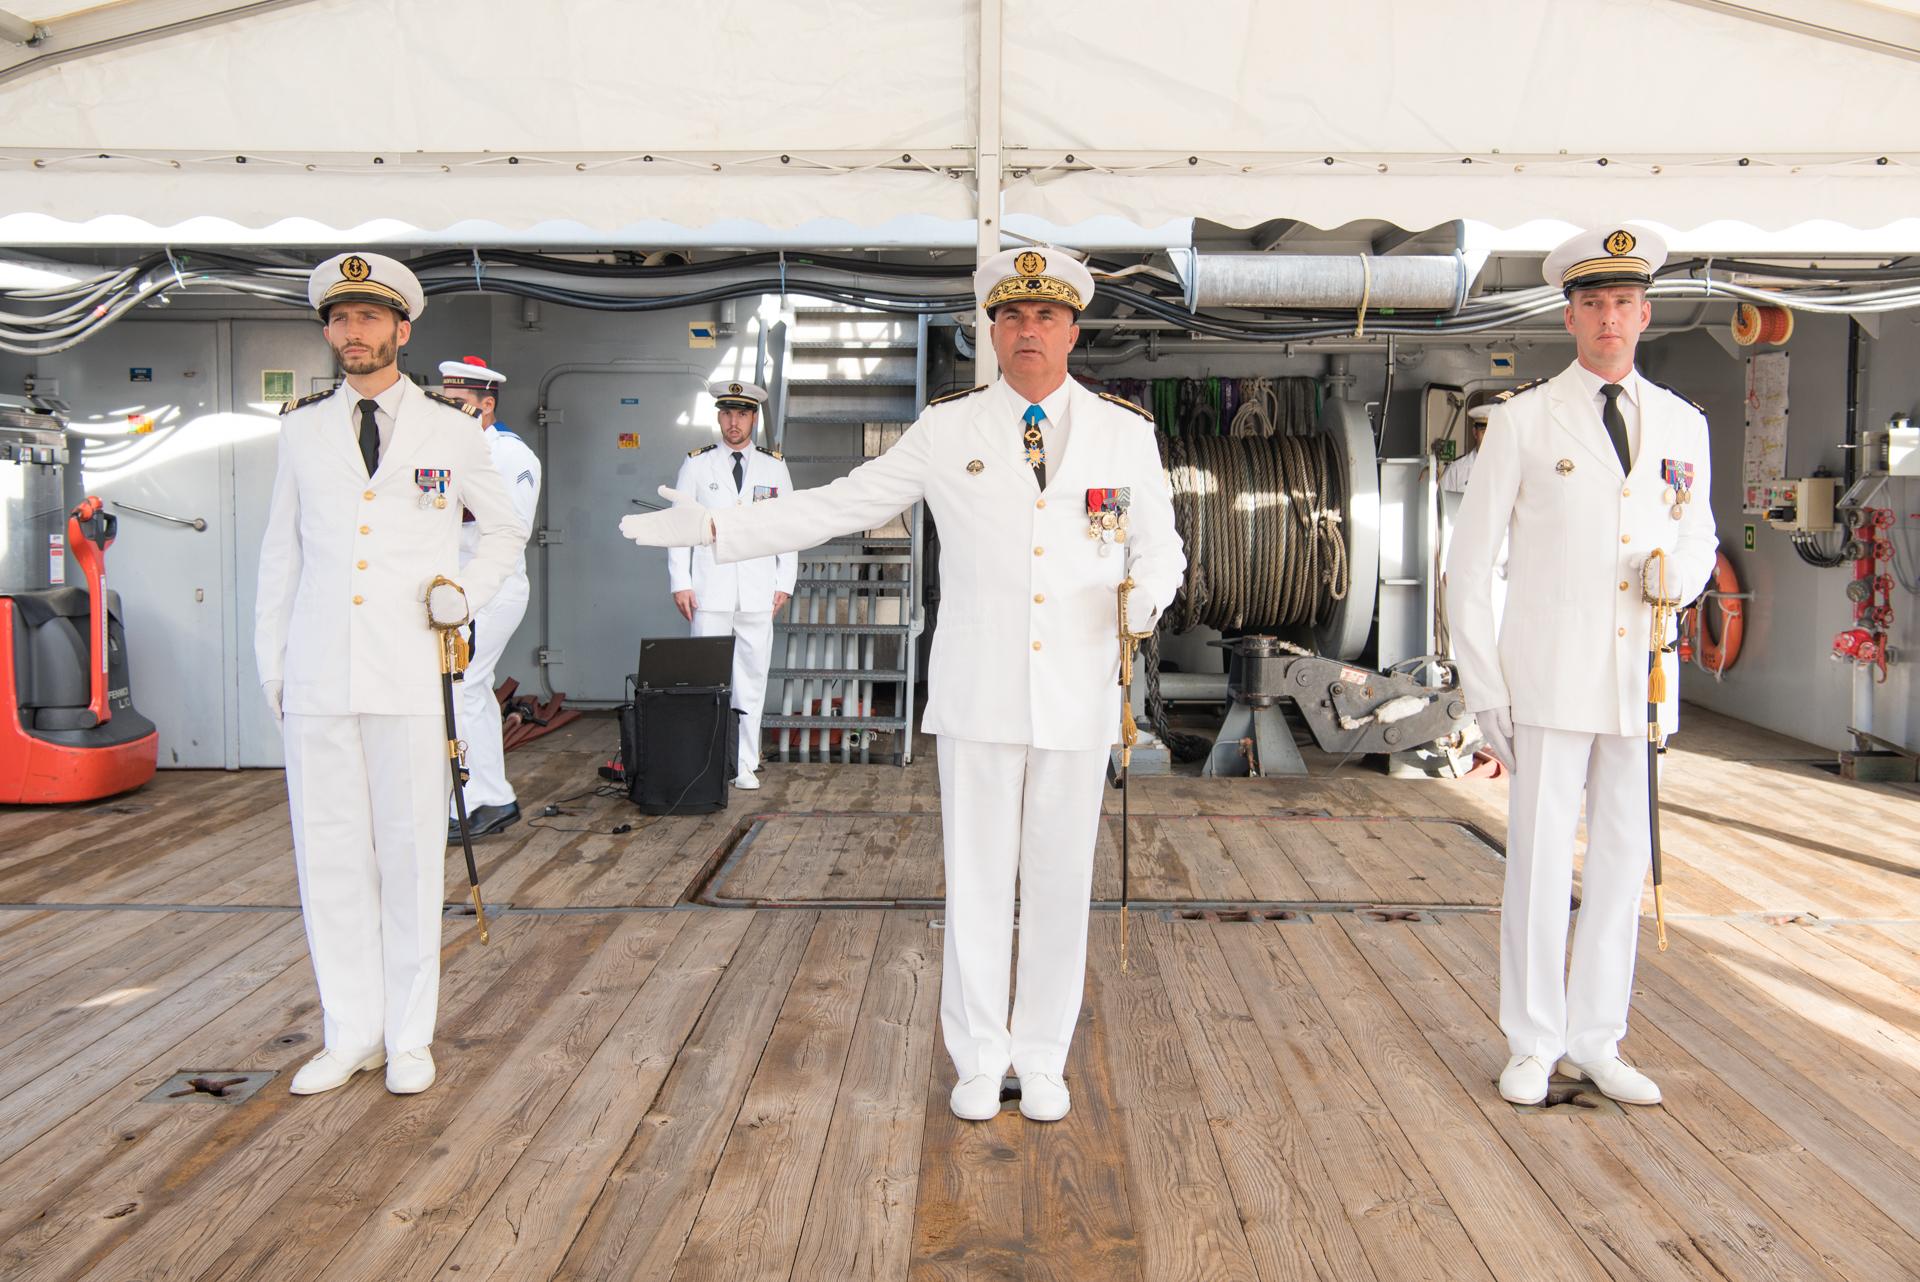 C'est le contre-amiral, Laurent Lebreton, commandant supérieur des Forces armées en Polynésie française, qui a procédé à la cérémonie de reconnaissance du nouveau commandant de l'équipage B du Bougainville. Crédit : SM Cindy Luu. FAPF.